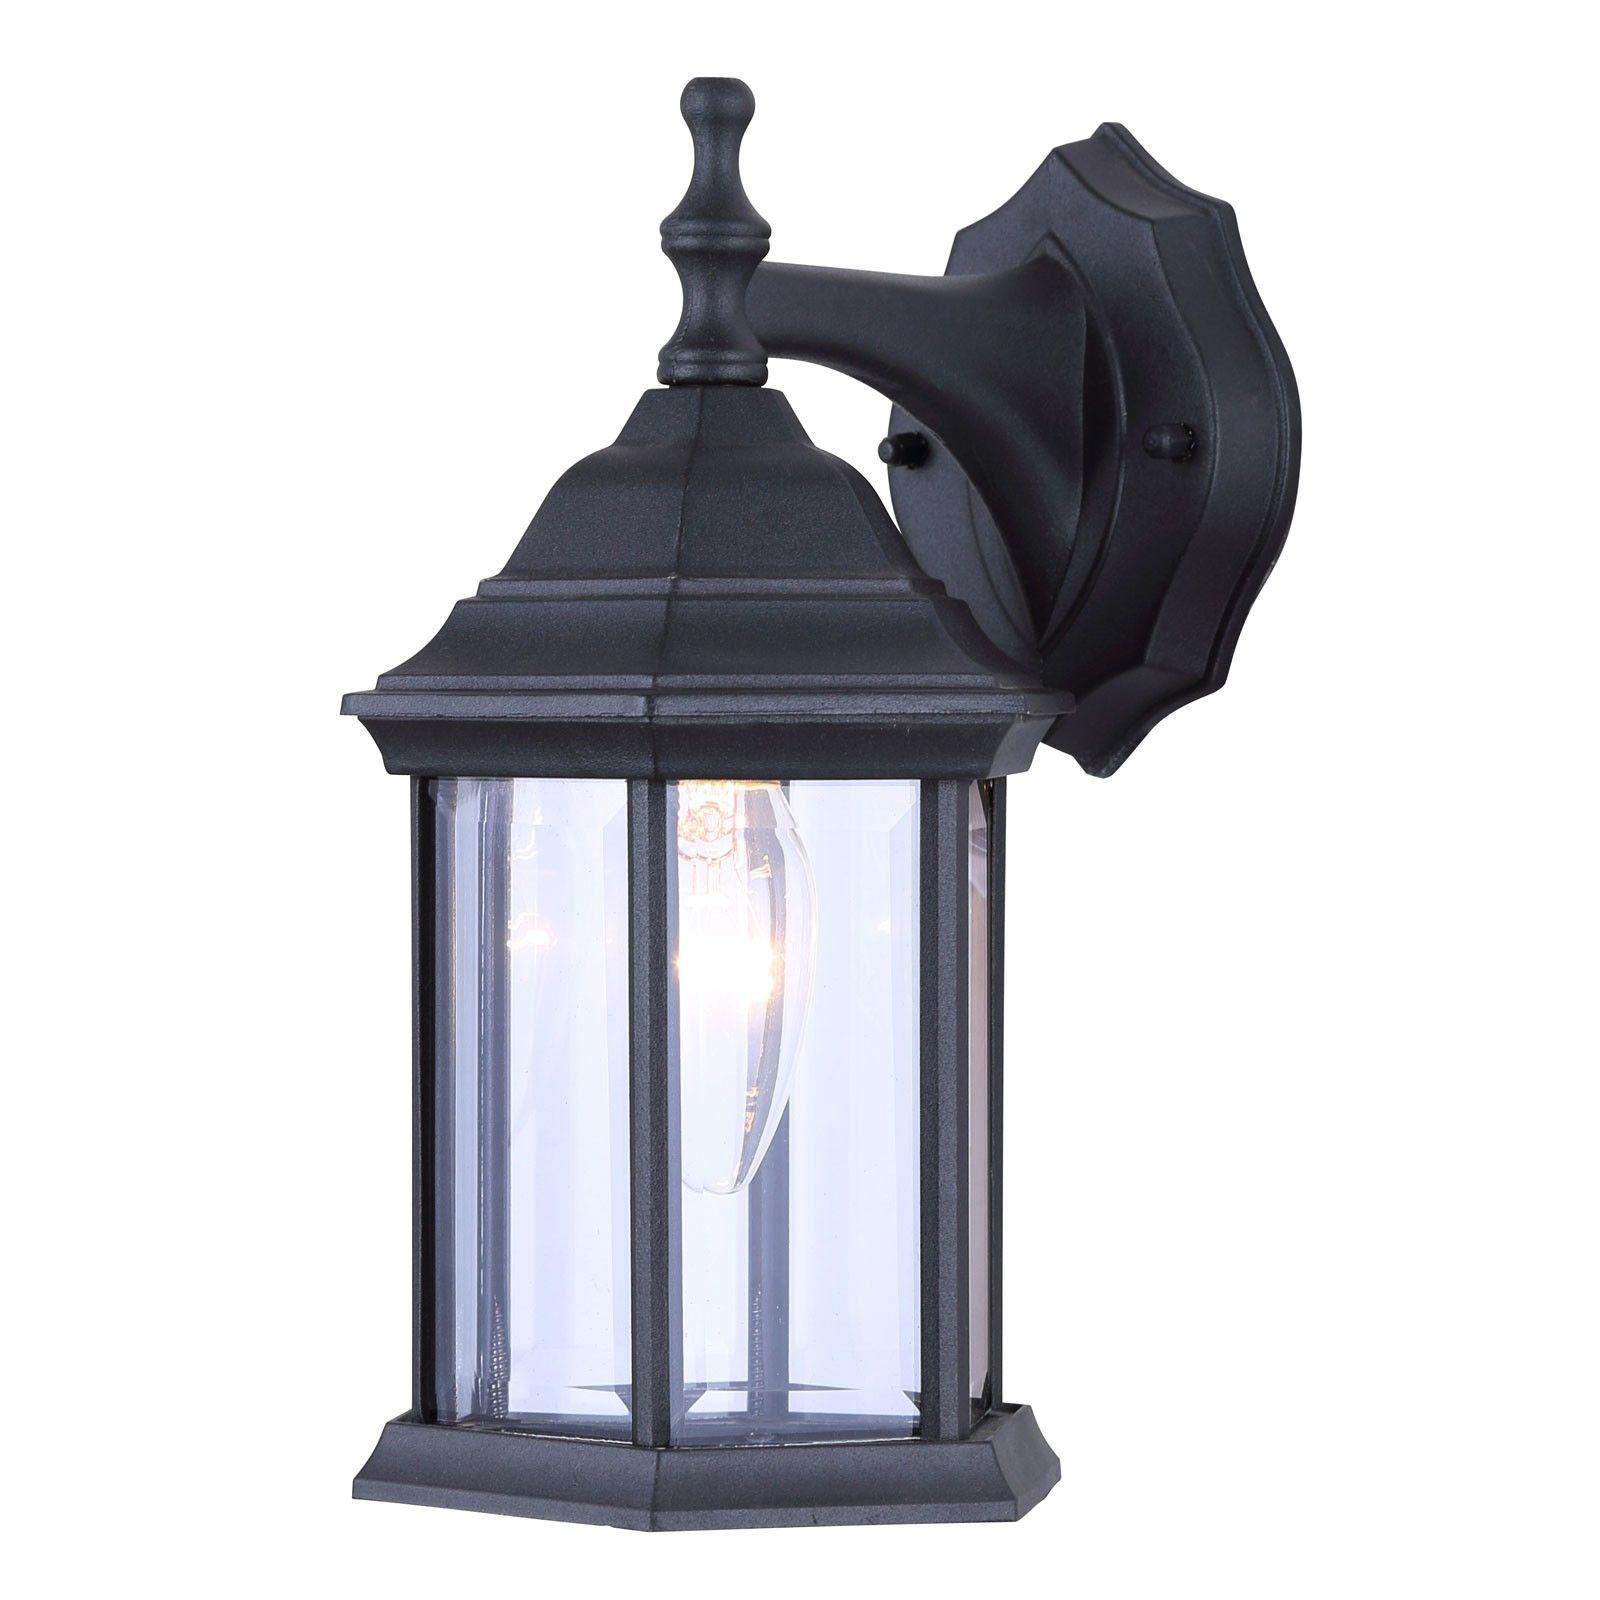 Canarm iol4bk exterior wall lantern light fixture outdoor sconce matte black